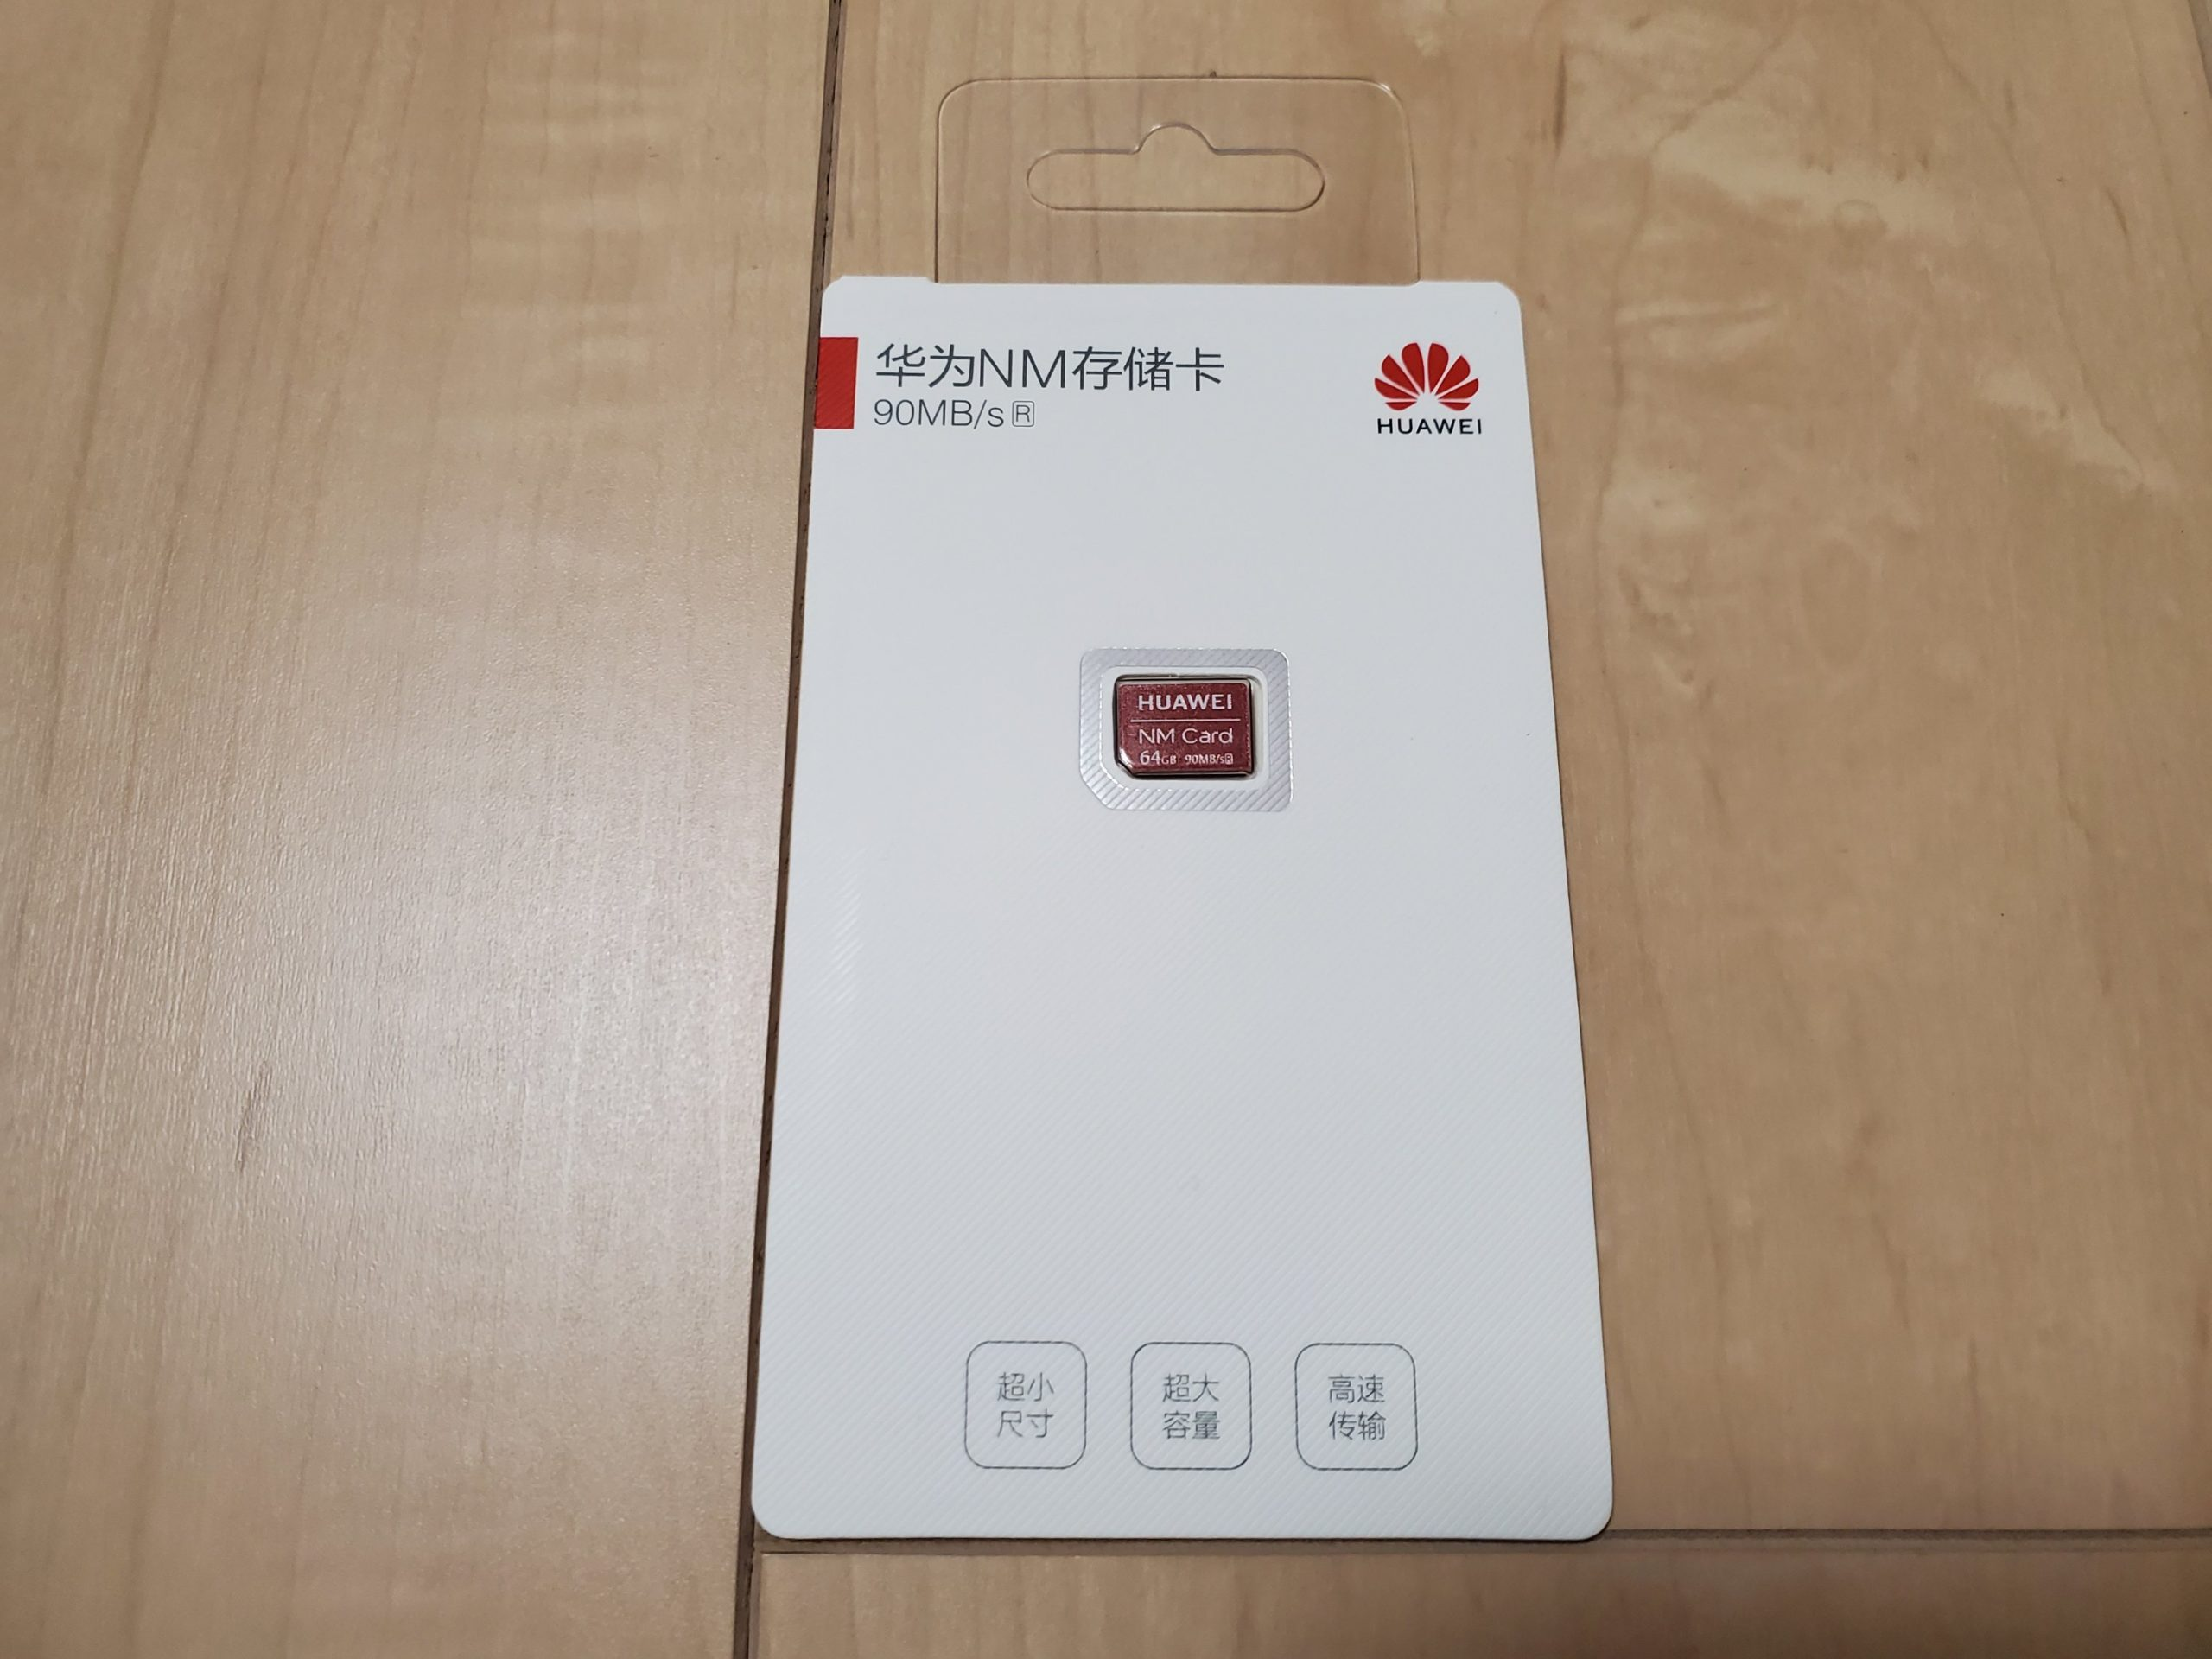 NMCardパッケージ1